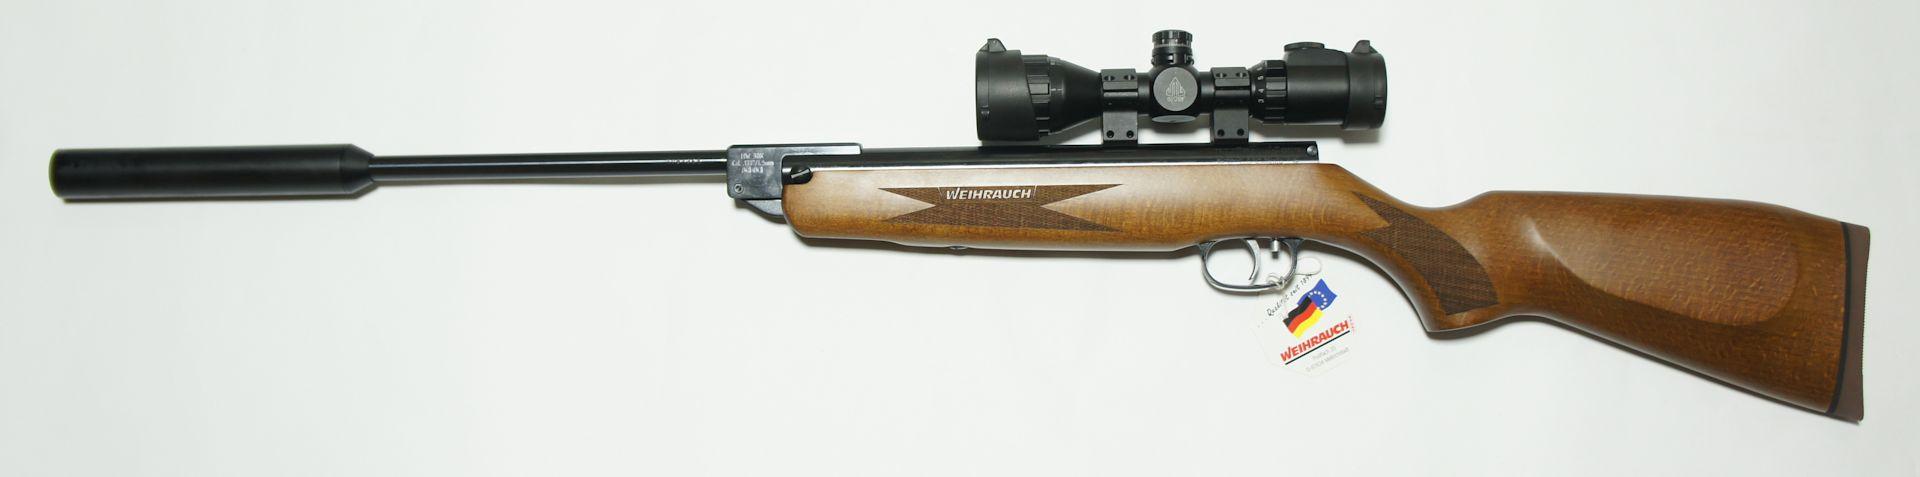 """Luftgewehr HW 30 K (S) Luxus mit Schalldämpfer Zielfernrohr """"UTG Compact 3-9x32"""""""